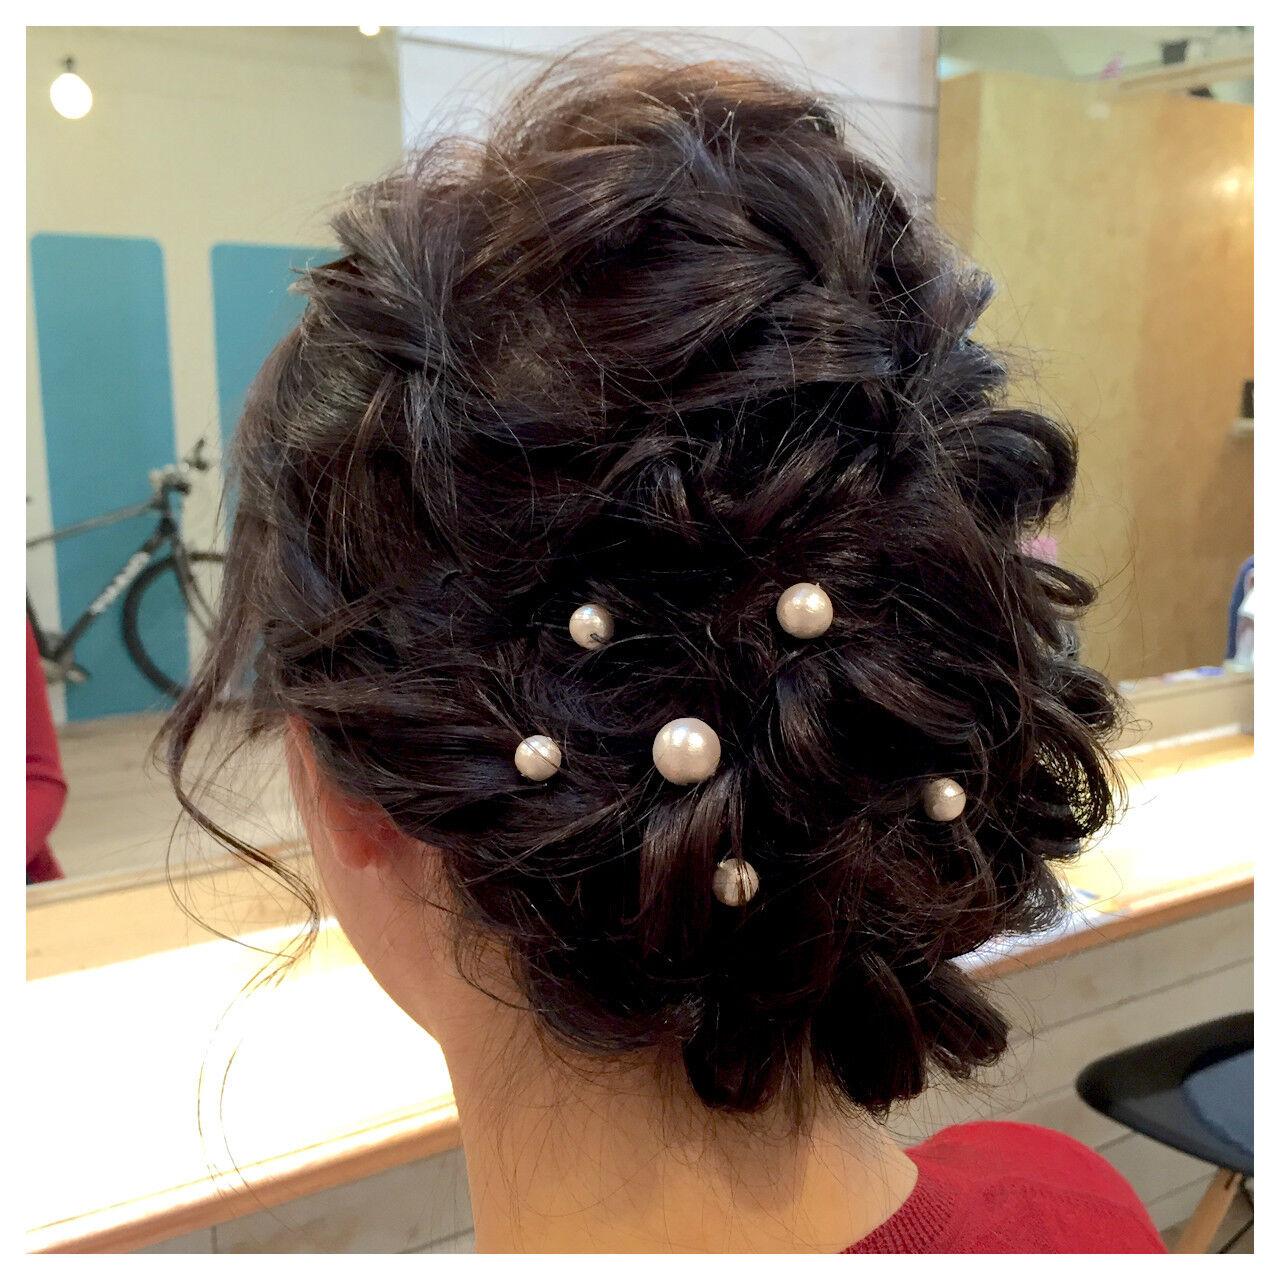 ヘアアレンジ ミディアム パーティ アップスタイルヘアスタイルや髪型の写真・画像